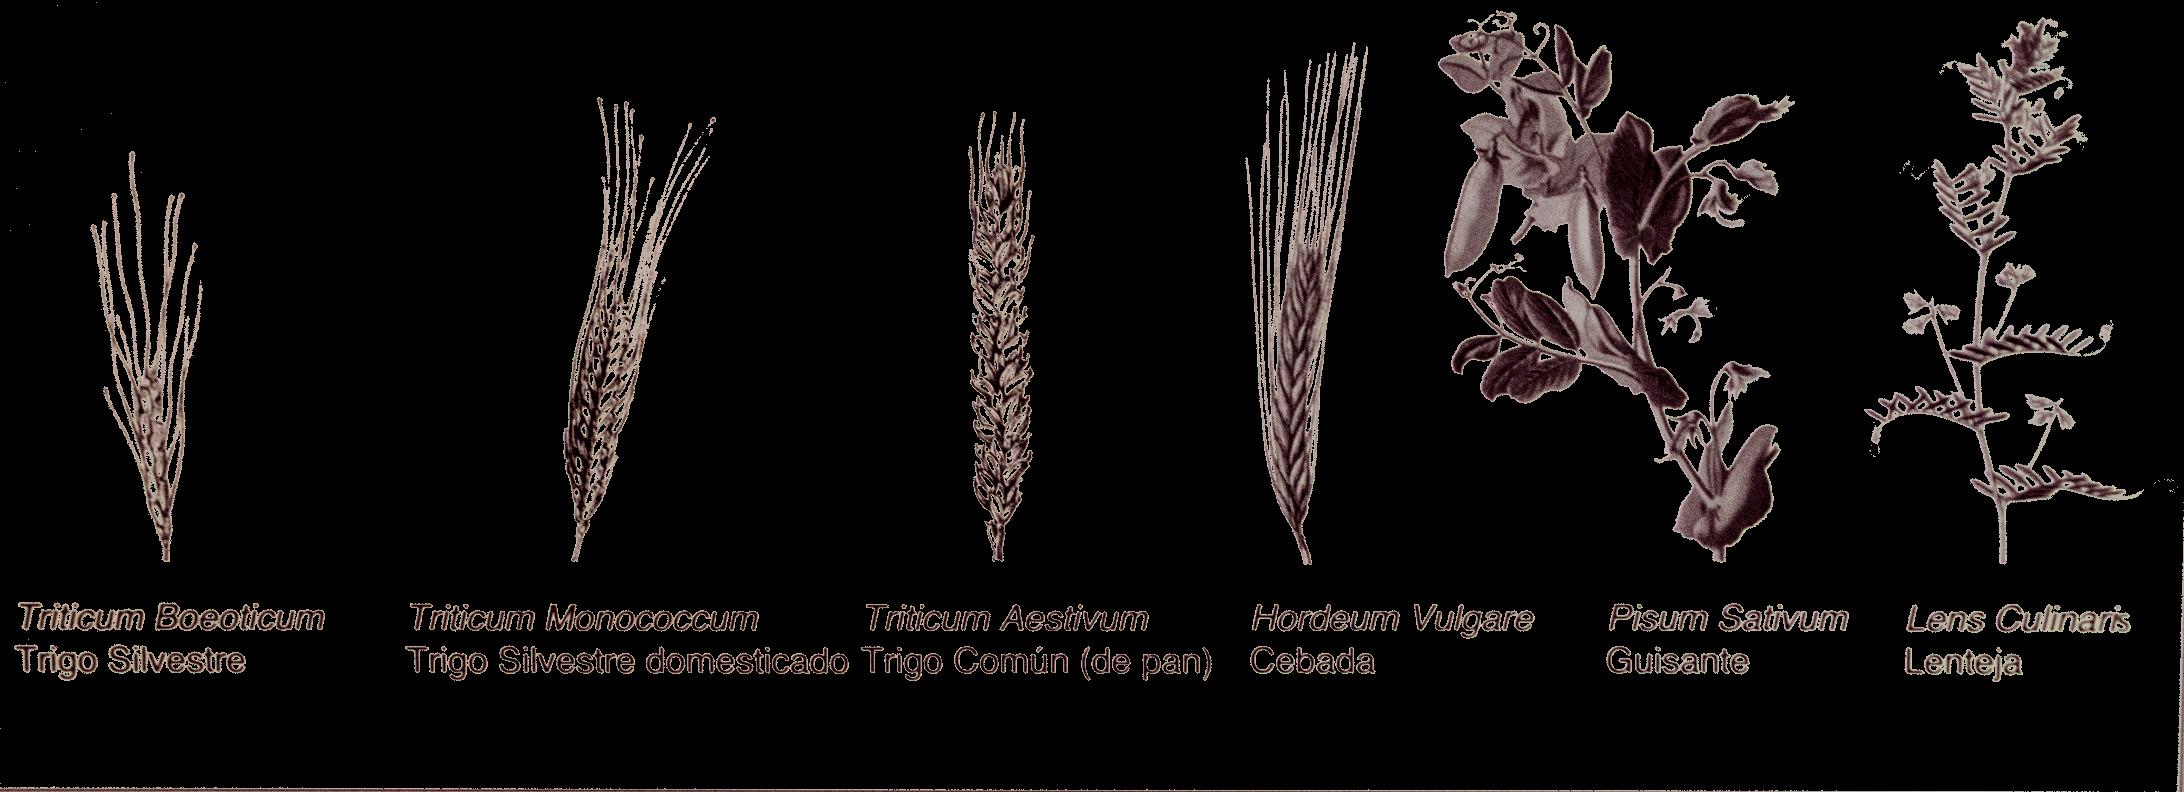 Primeras plantas utilizadas por las sociedades agrícolas